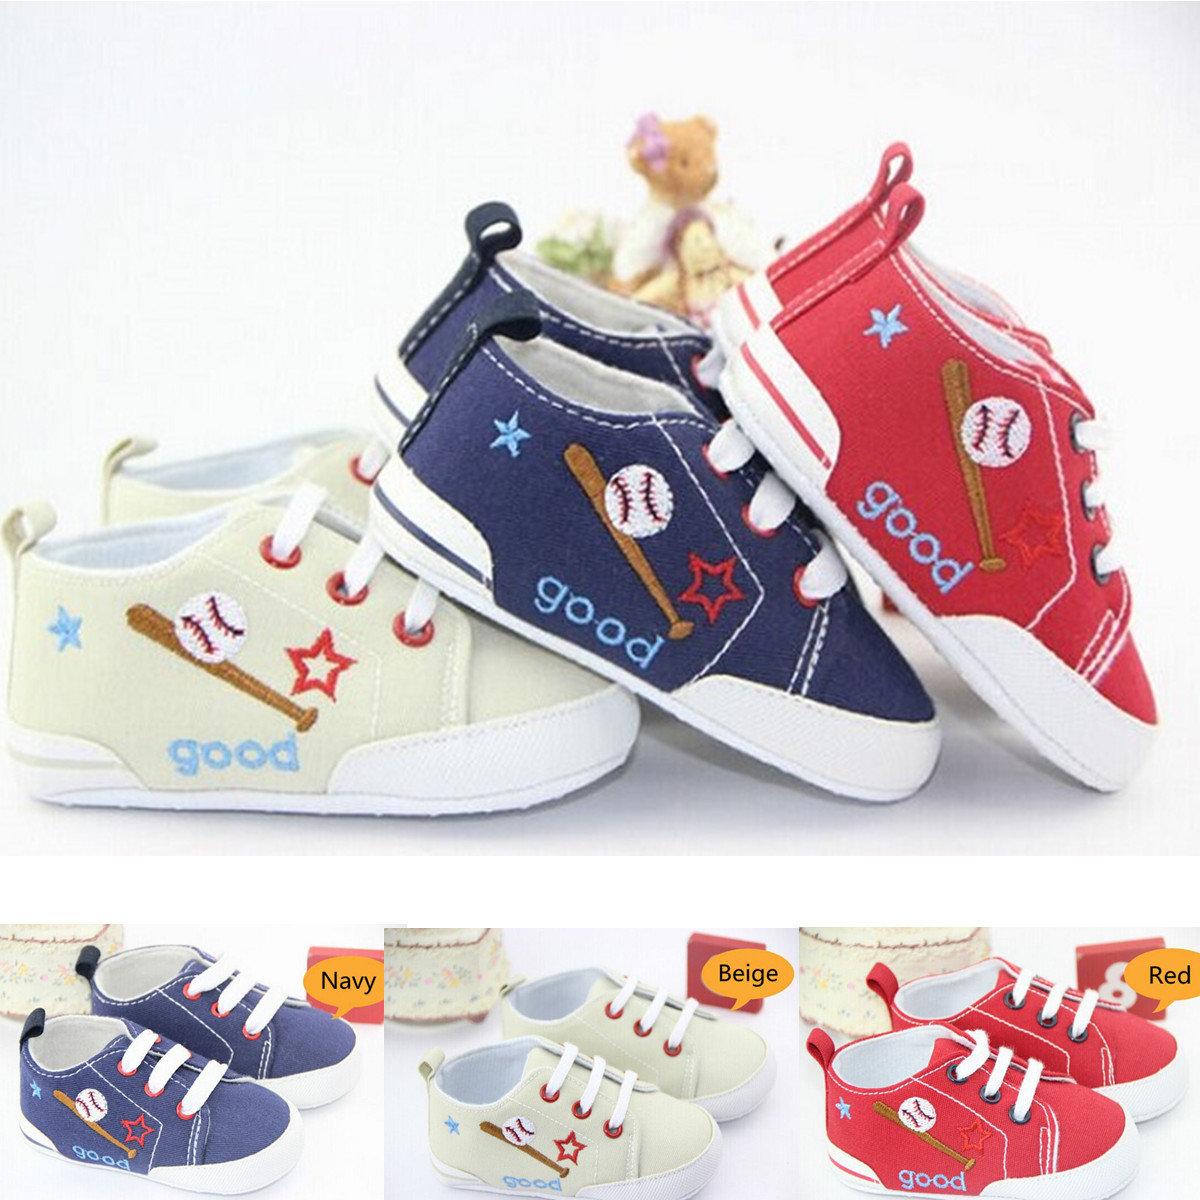 Bébé lacets baskets semelle souple chaussures crèche infantile prewalker garcon fille bébé&